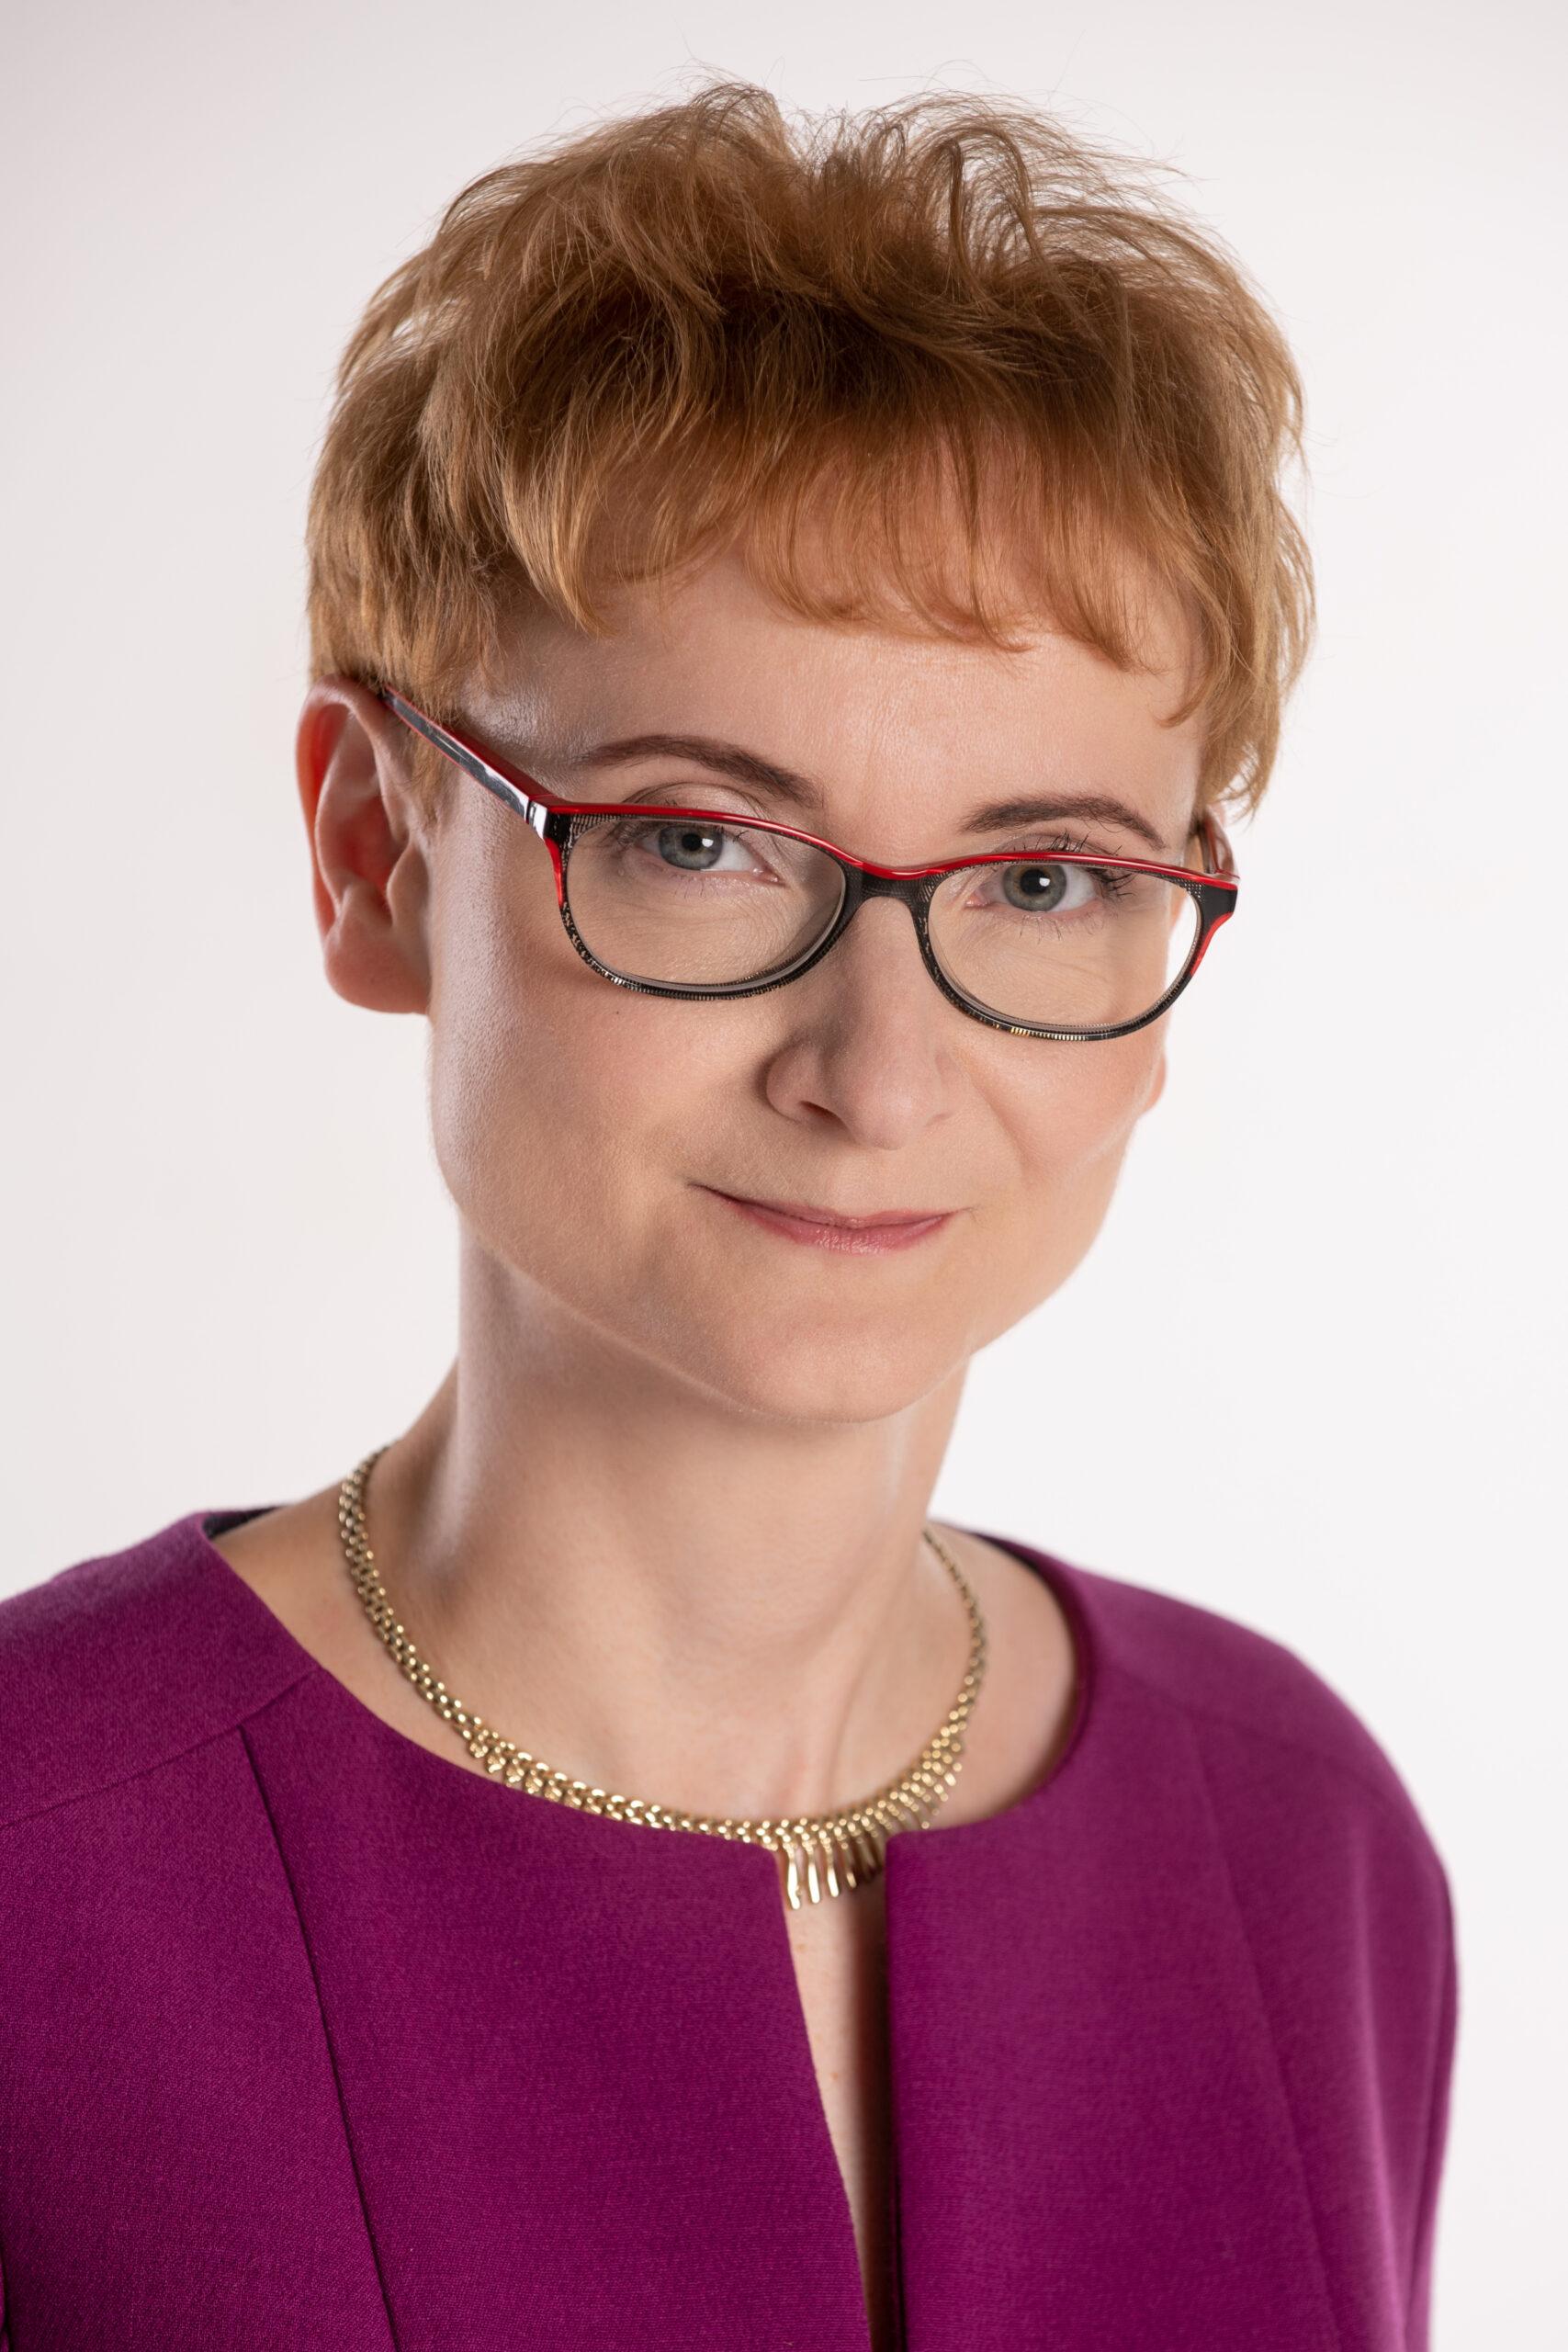 irmc-malgorzata-iwanicz-drozdowska-keynote-speaker